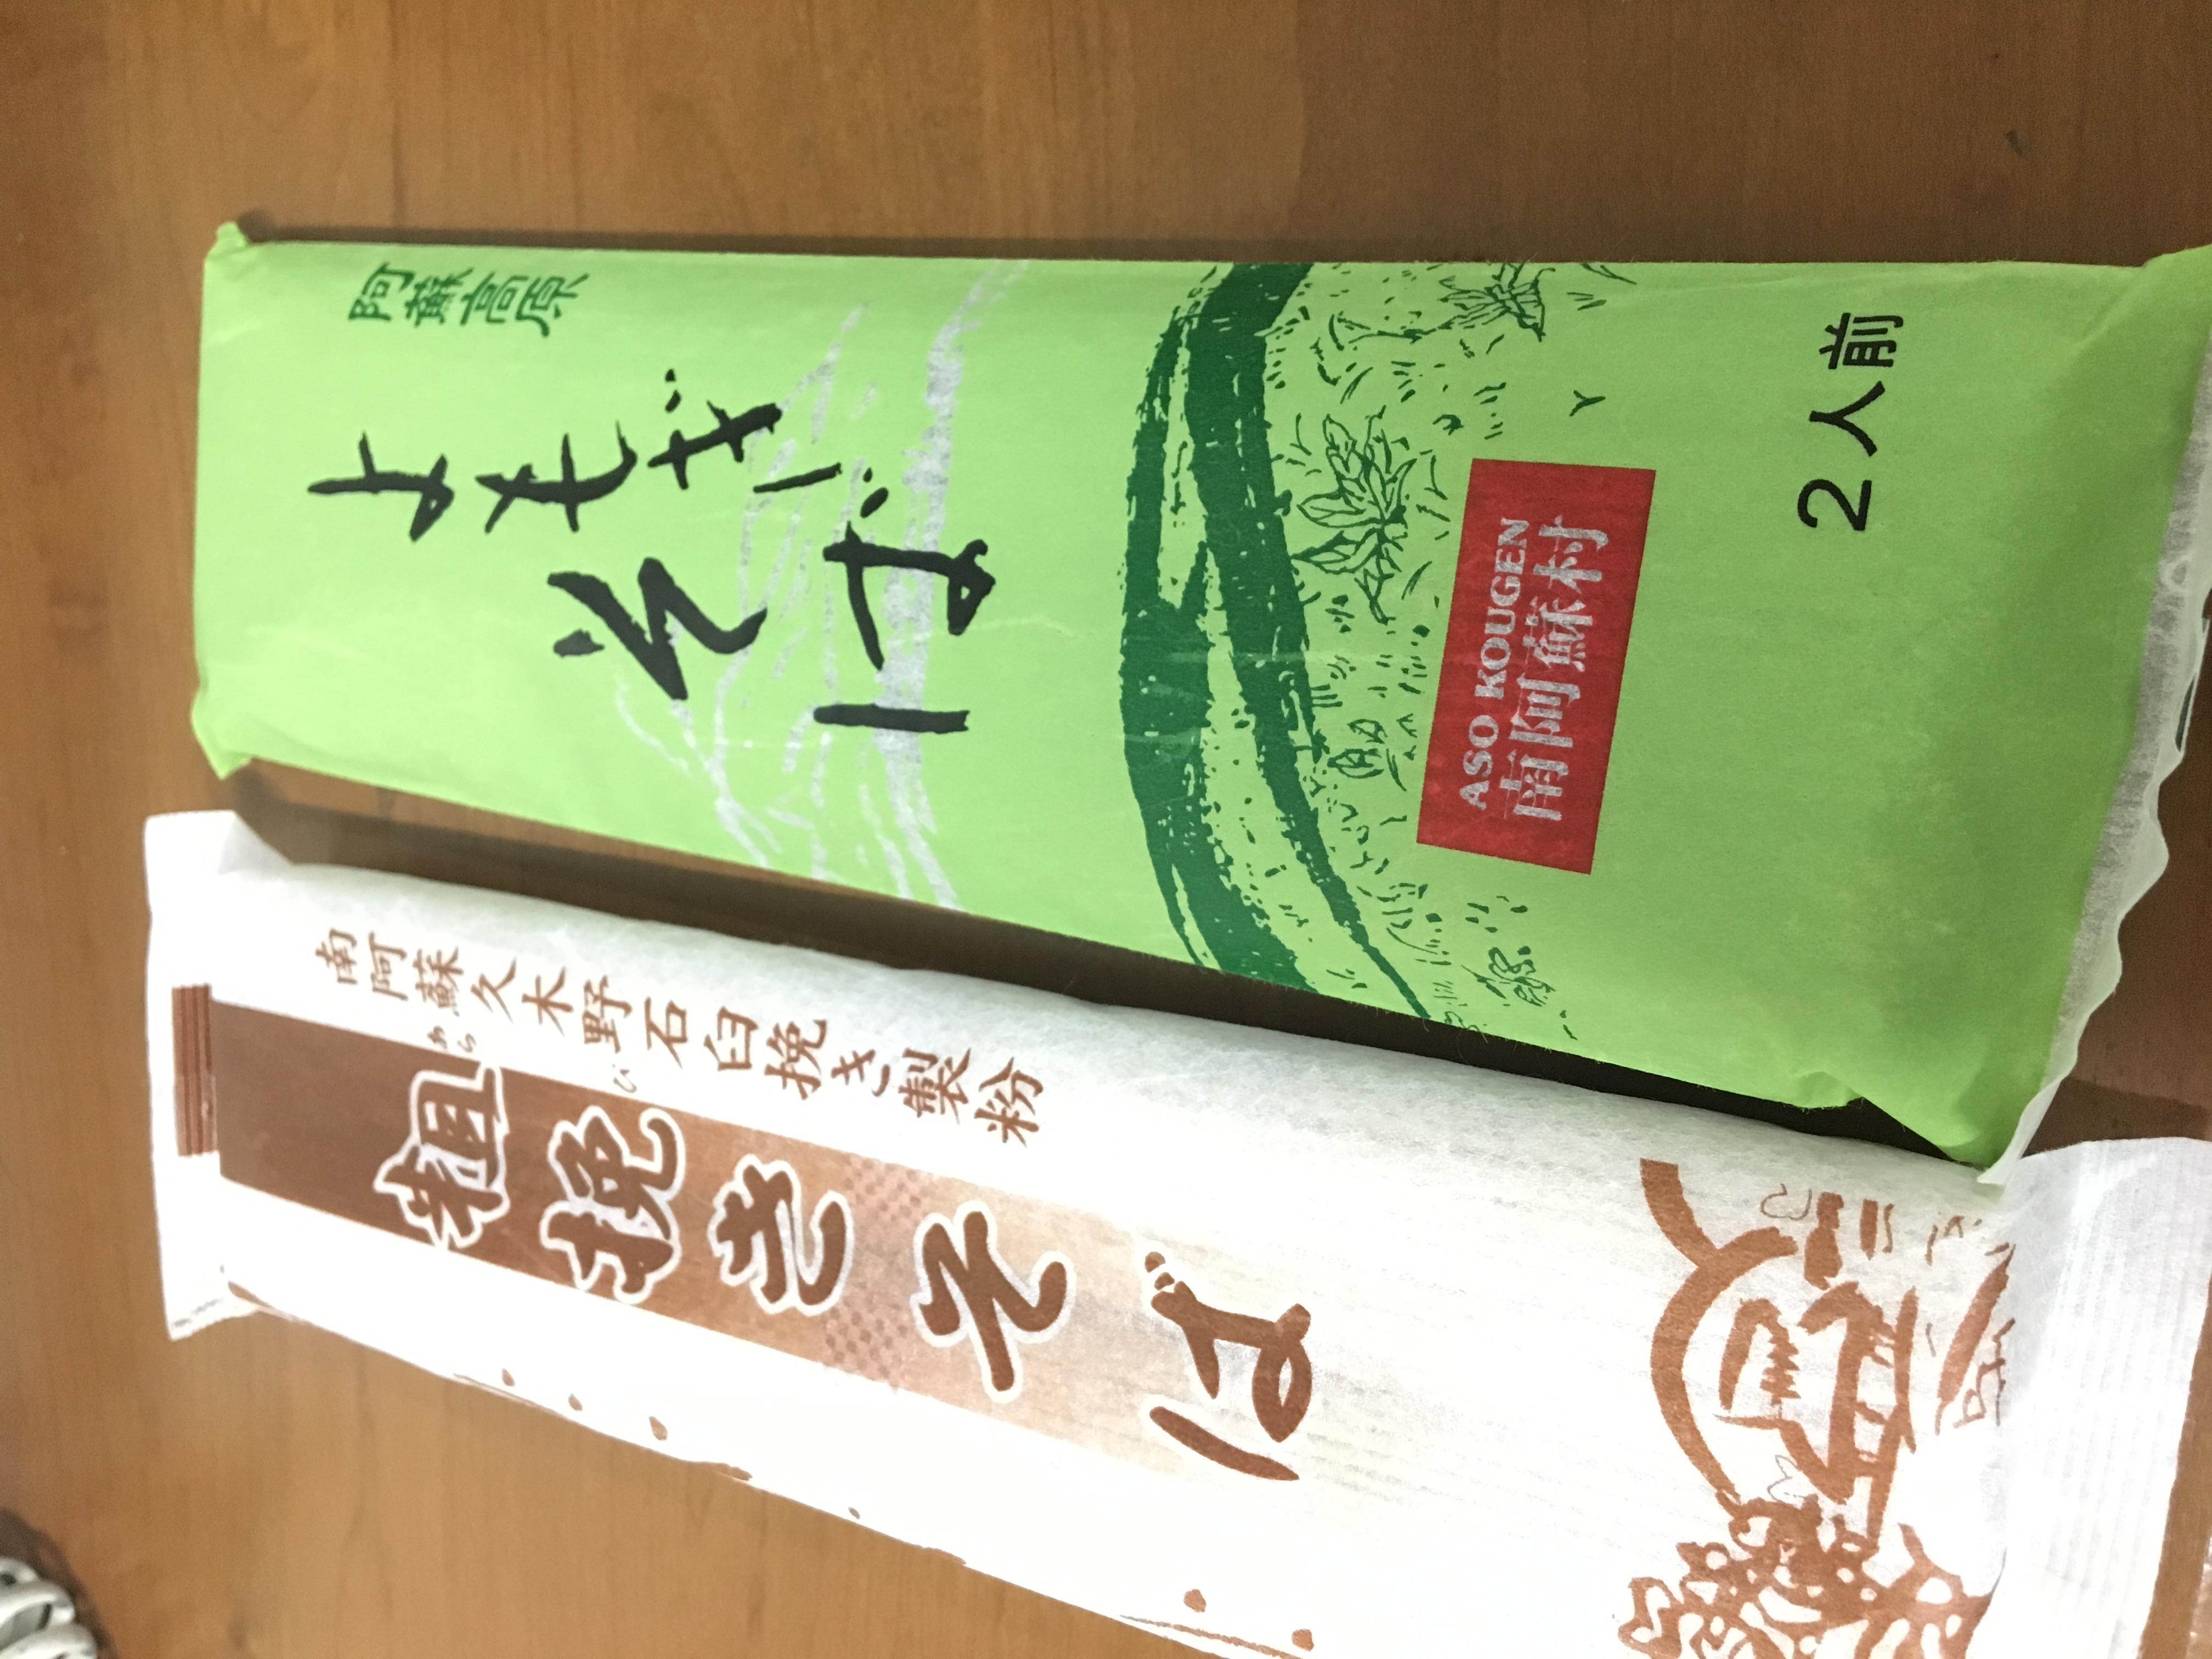 [ブログ]耳つぼダイエットで約8kg痩せられた堺市のAさんに熊本のお蕎麦頂きました。